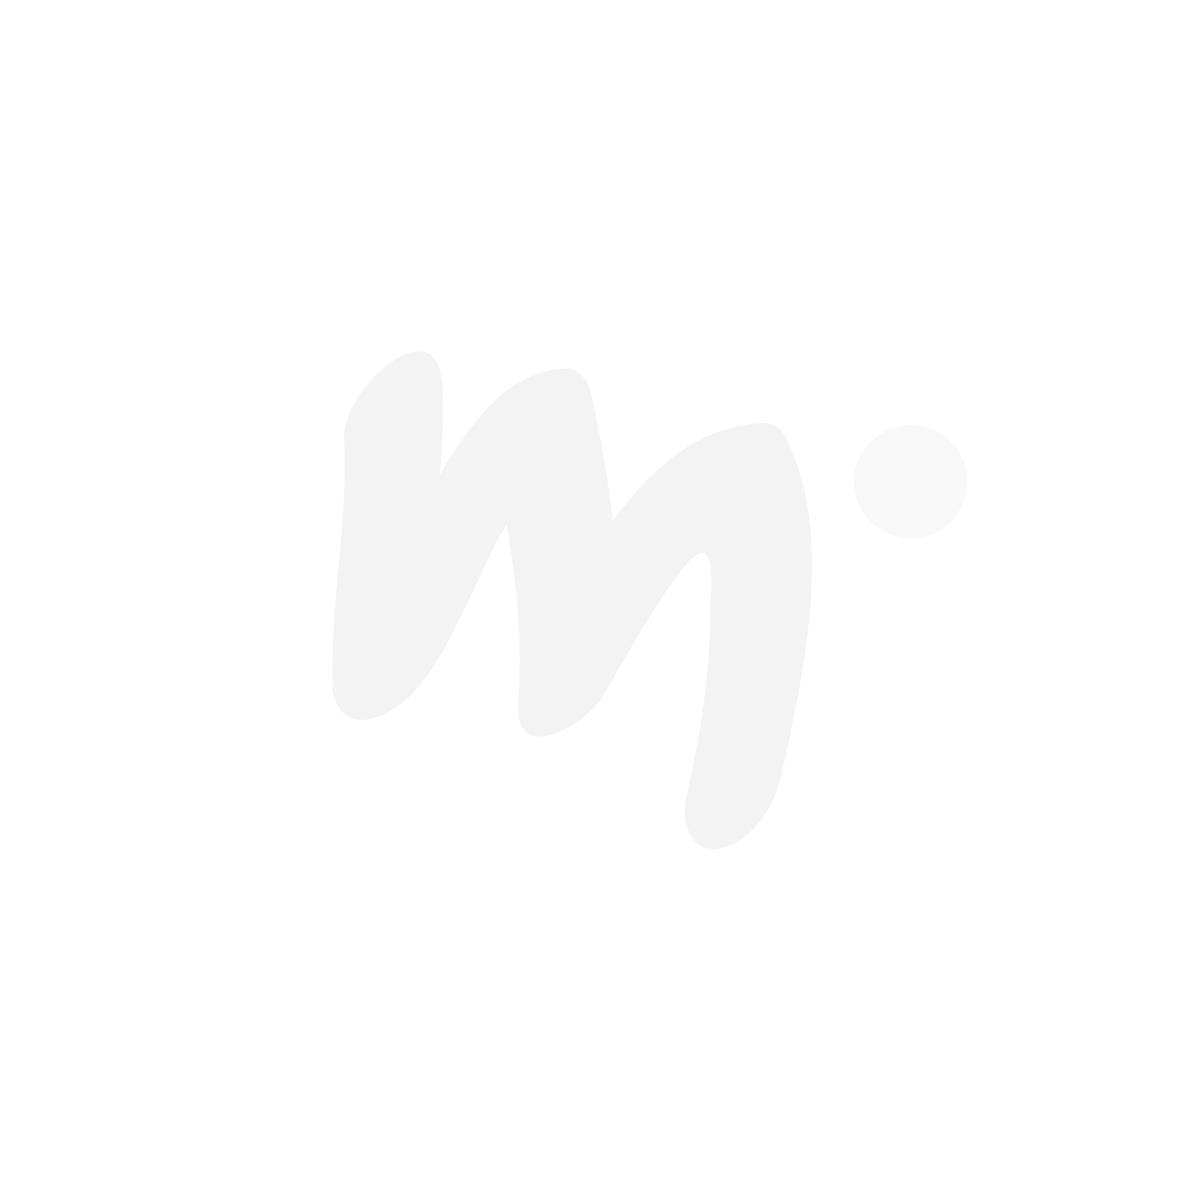 Muumi Aakkoset-paita luonnonvalkoinen